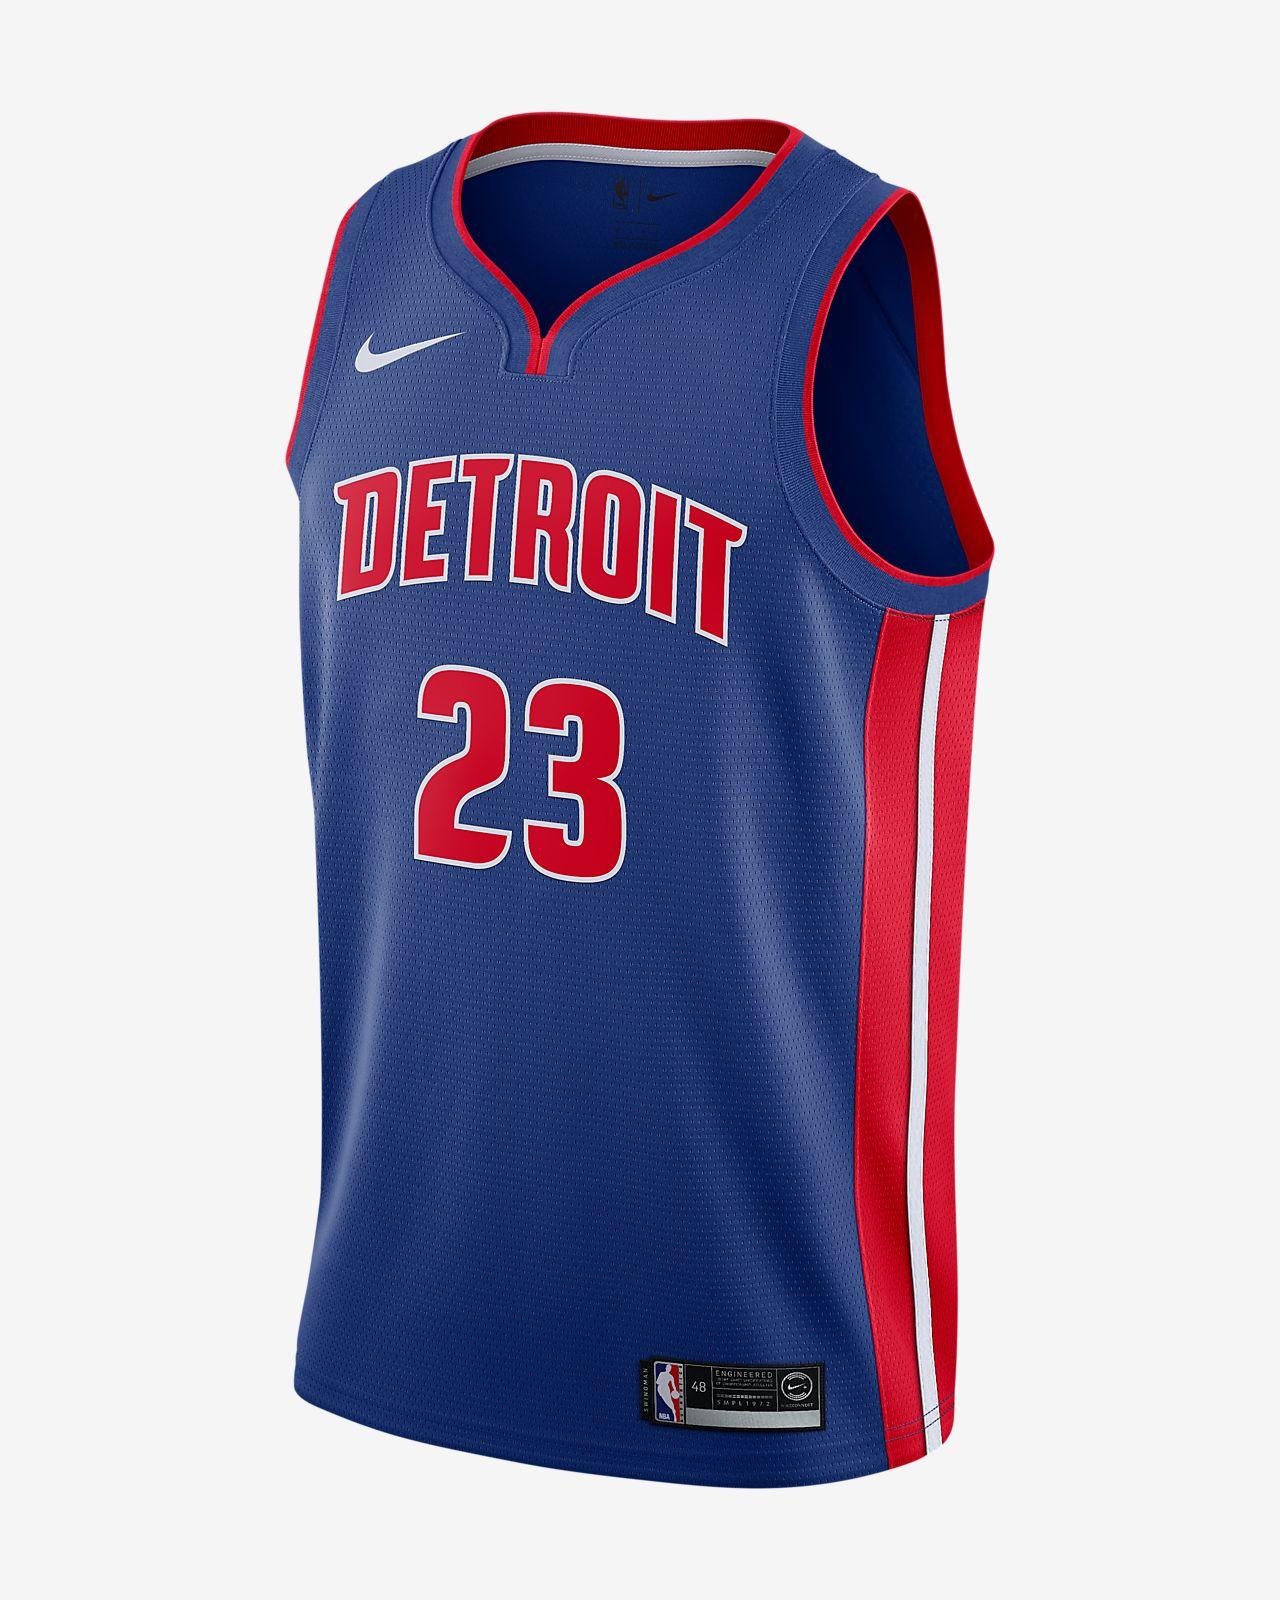 Camisola com ligação à NBA da Nike Blake Griffin Icon Edition Swingman (Detroit Pistons) para homem